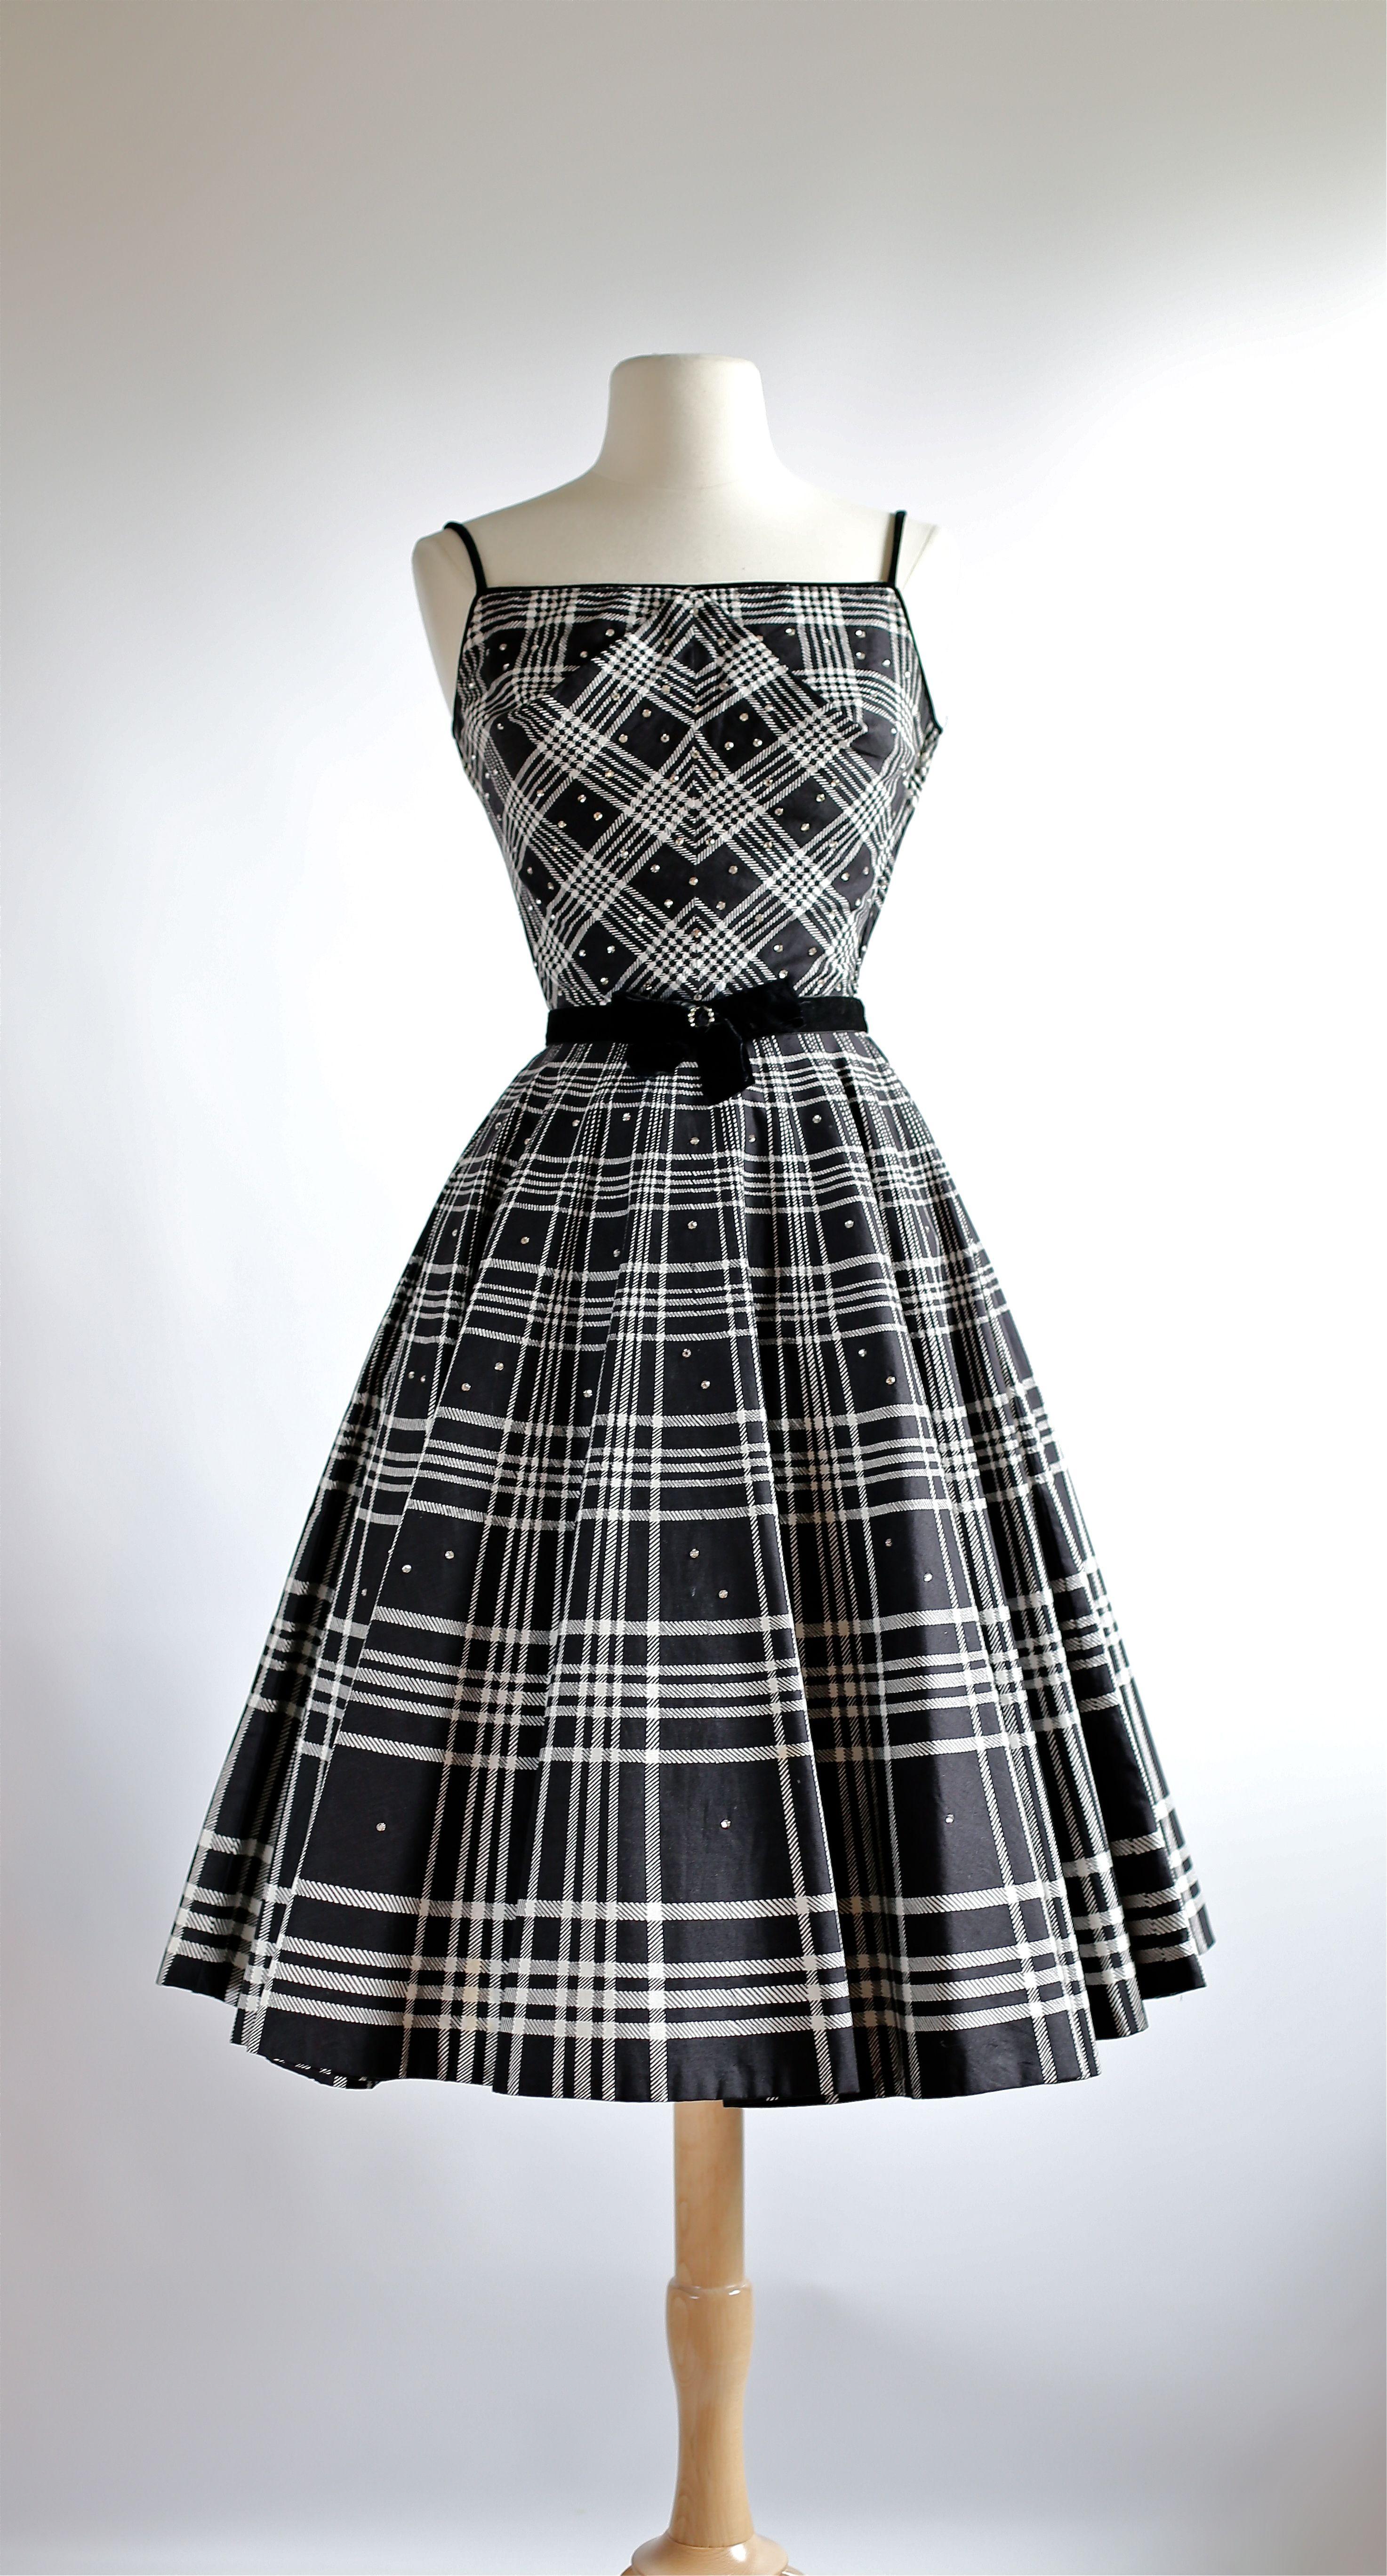 Plaid Party Dress This Fabric Is Amazing Vintage 1950s Dresses Vintage Dresses Fashion [ 5472 x 2947 Pixel ]